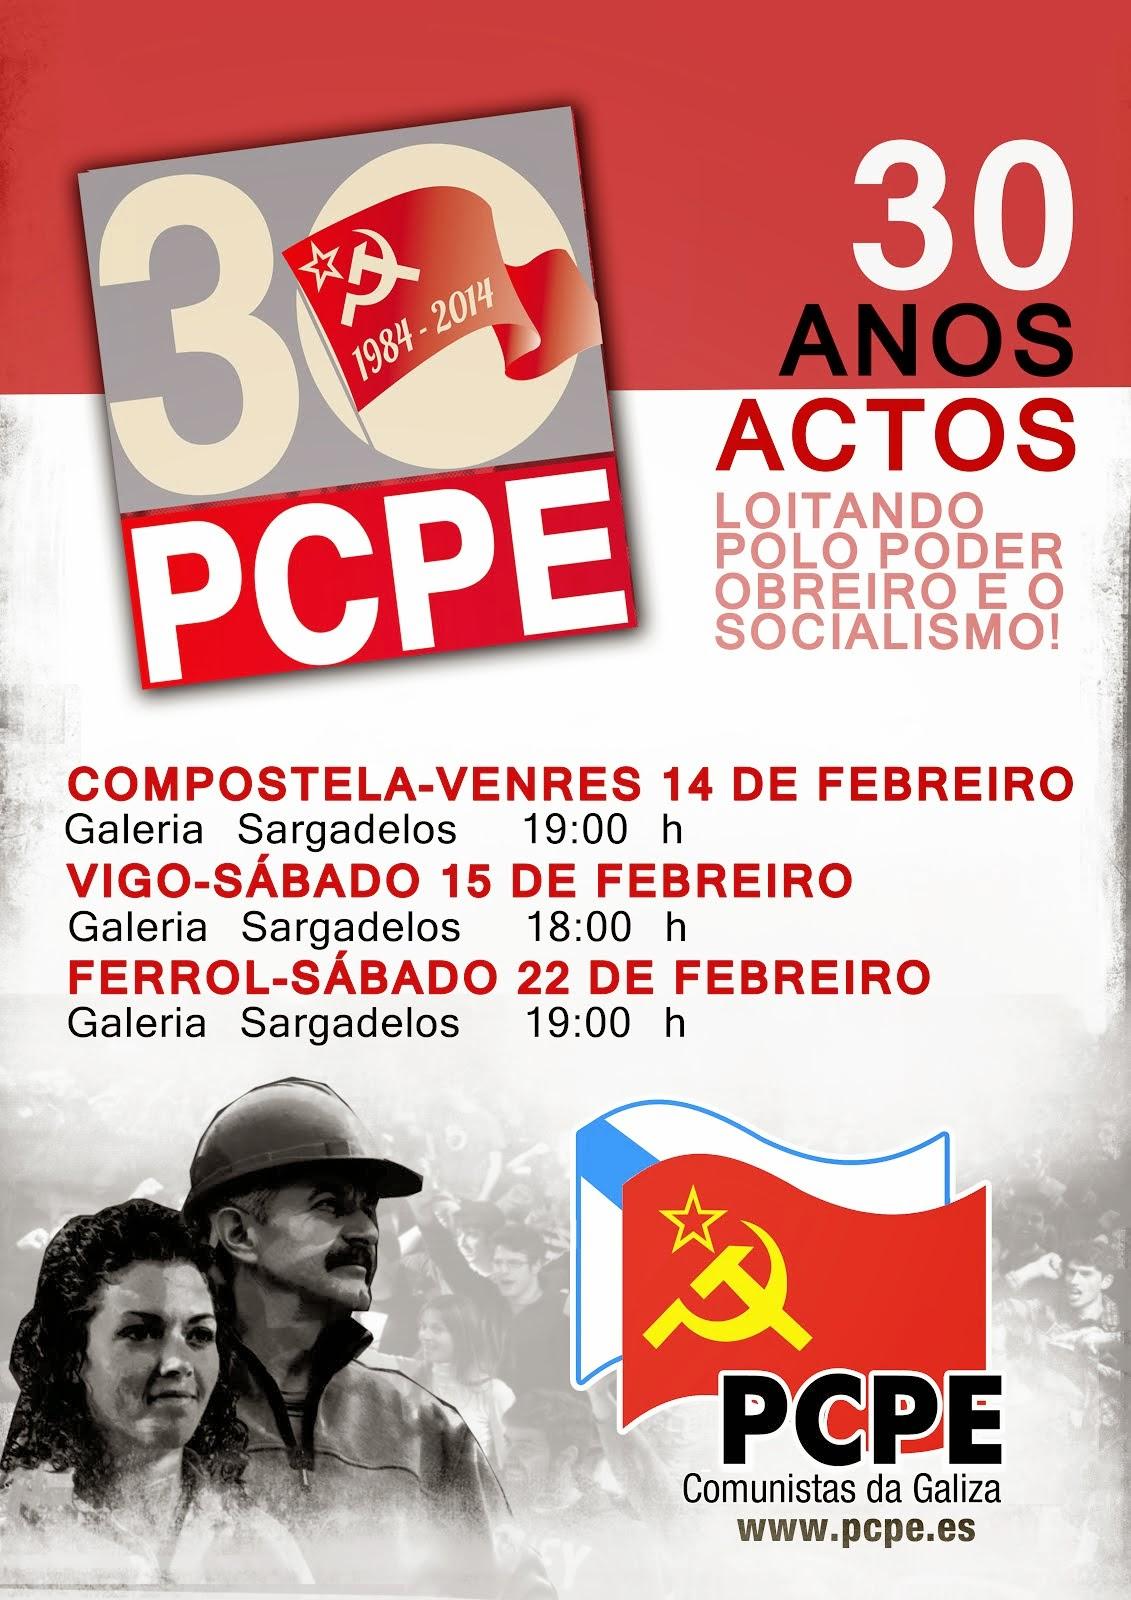 30 anos loitando polo Poder Obreiro e o Socialismo!